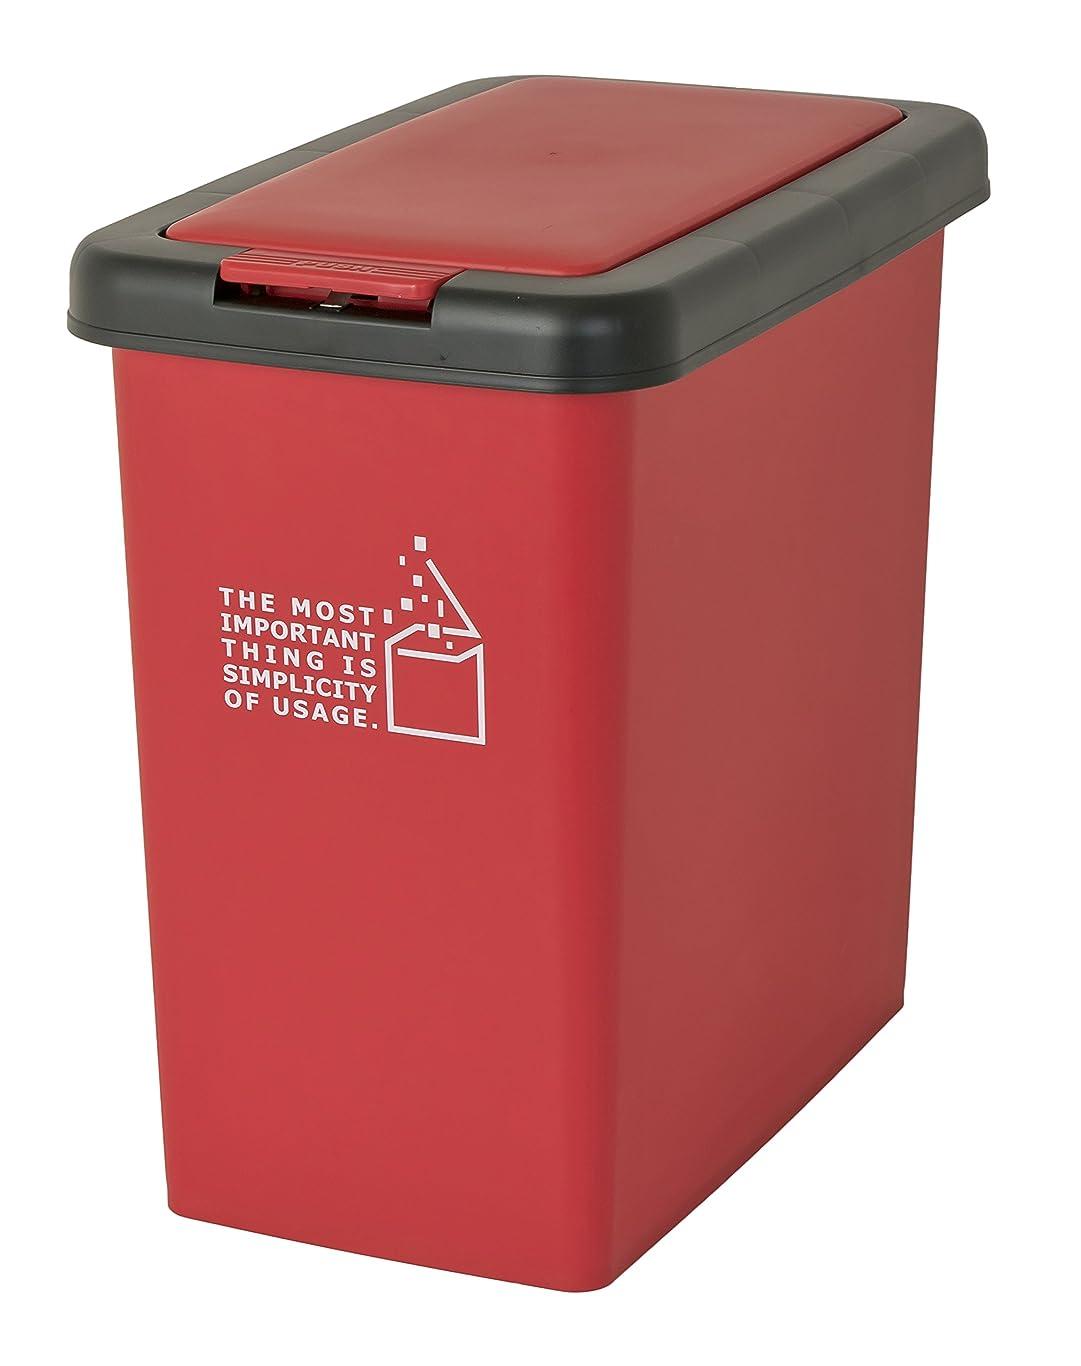 電池飽和するスポーツをするサンコープラスチック 日本製 ゴミ箱 スリムプッシュ 20L レッド 451316